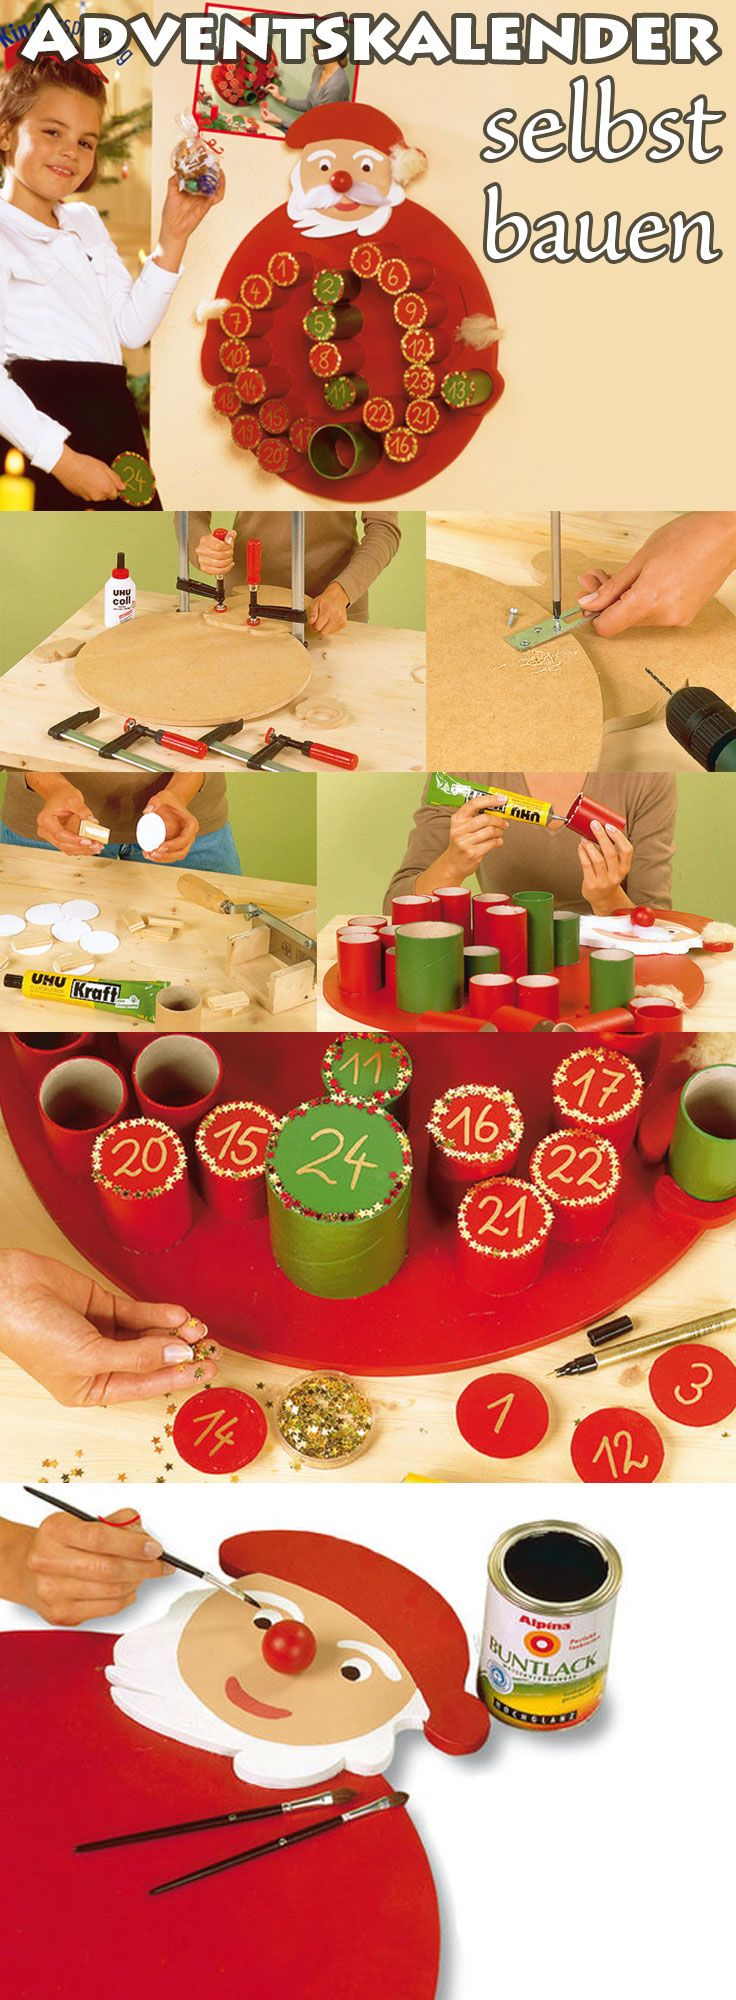 adventskalender basteln weihnachten pinterest adventskalender adventskalender basteln und. Black Bedroom Furniture Sets. Home Design Ideas